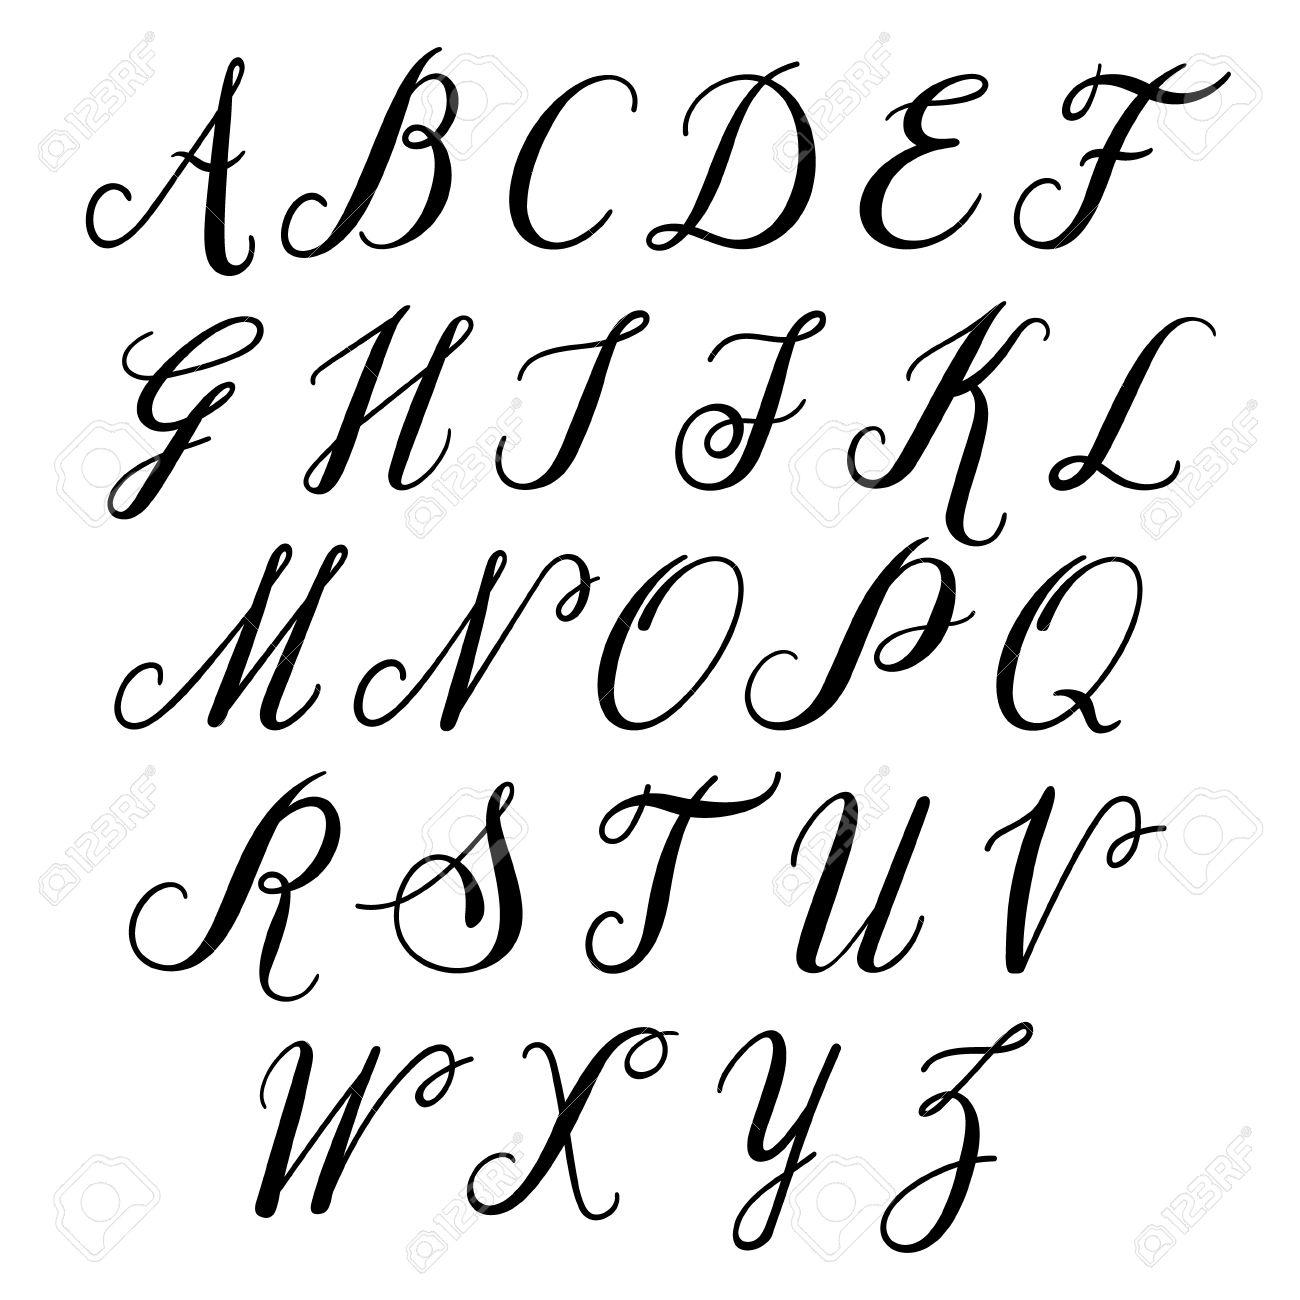 Lettres De L'alphabet: Majuscules. Vector Alphabet. Main Lettres Établi.  Lettres De L'alphabet Écrites Avec Un Pinceau concernant L Alphabet En Majuscule